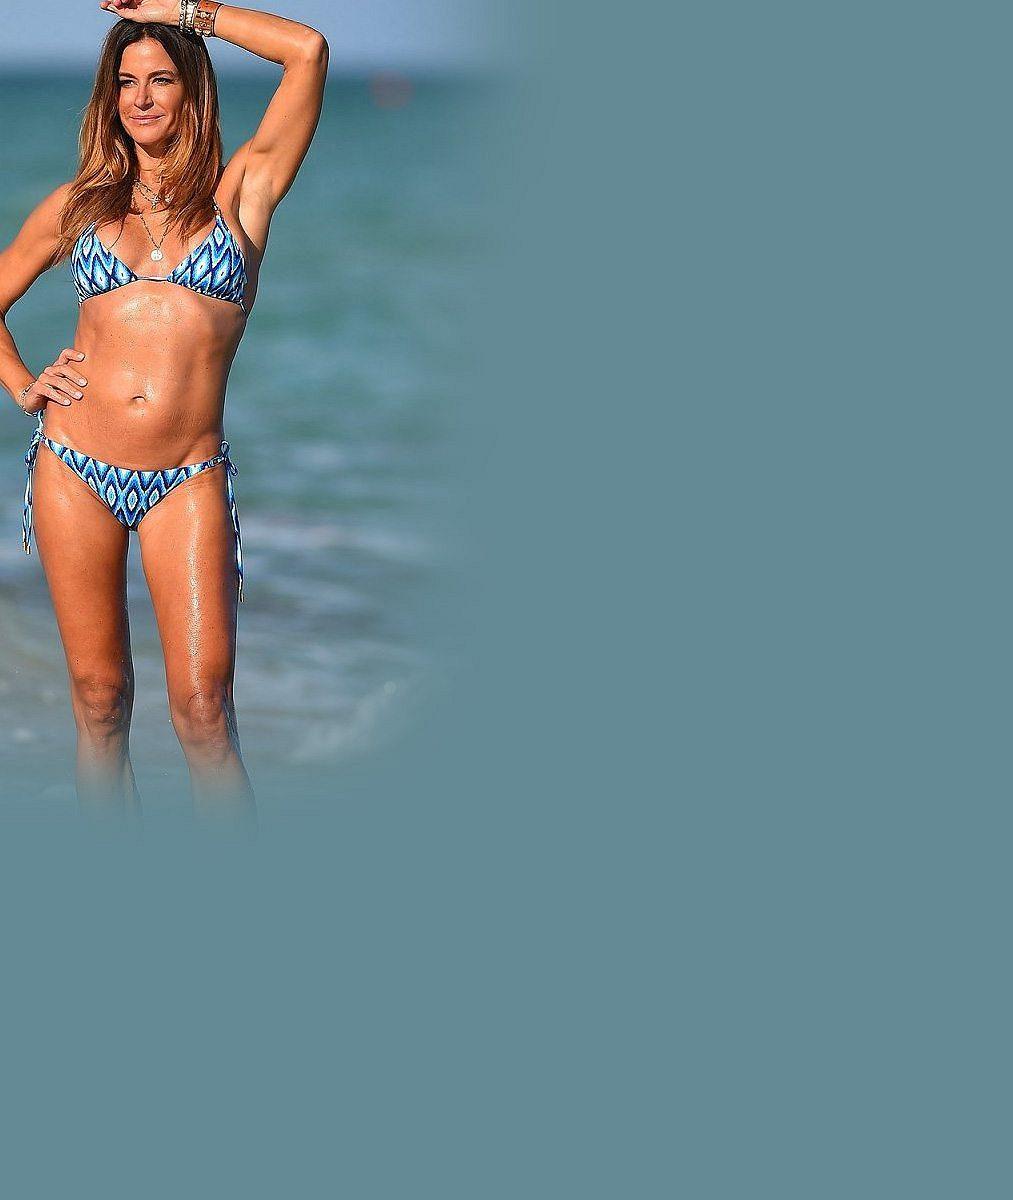 Tato dáma vbikinách klame tělem: Bývalé modelce sdokonalými křivkami opravdu táhne na padesát